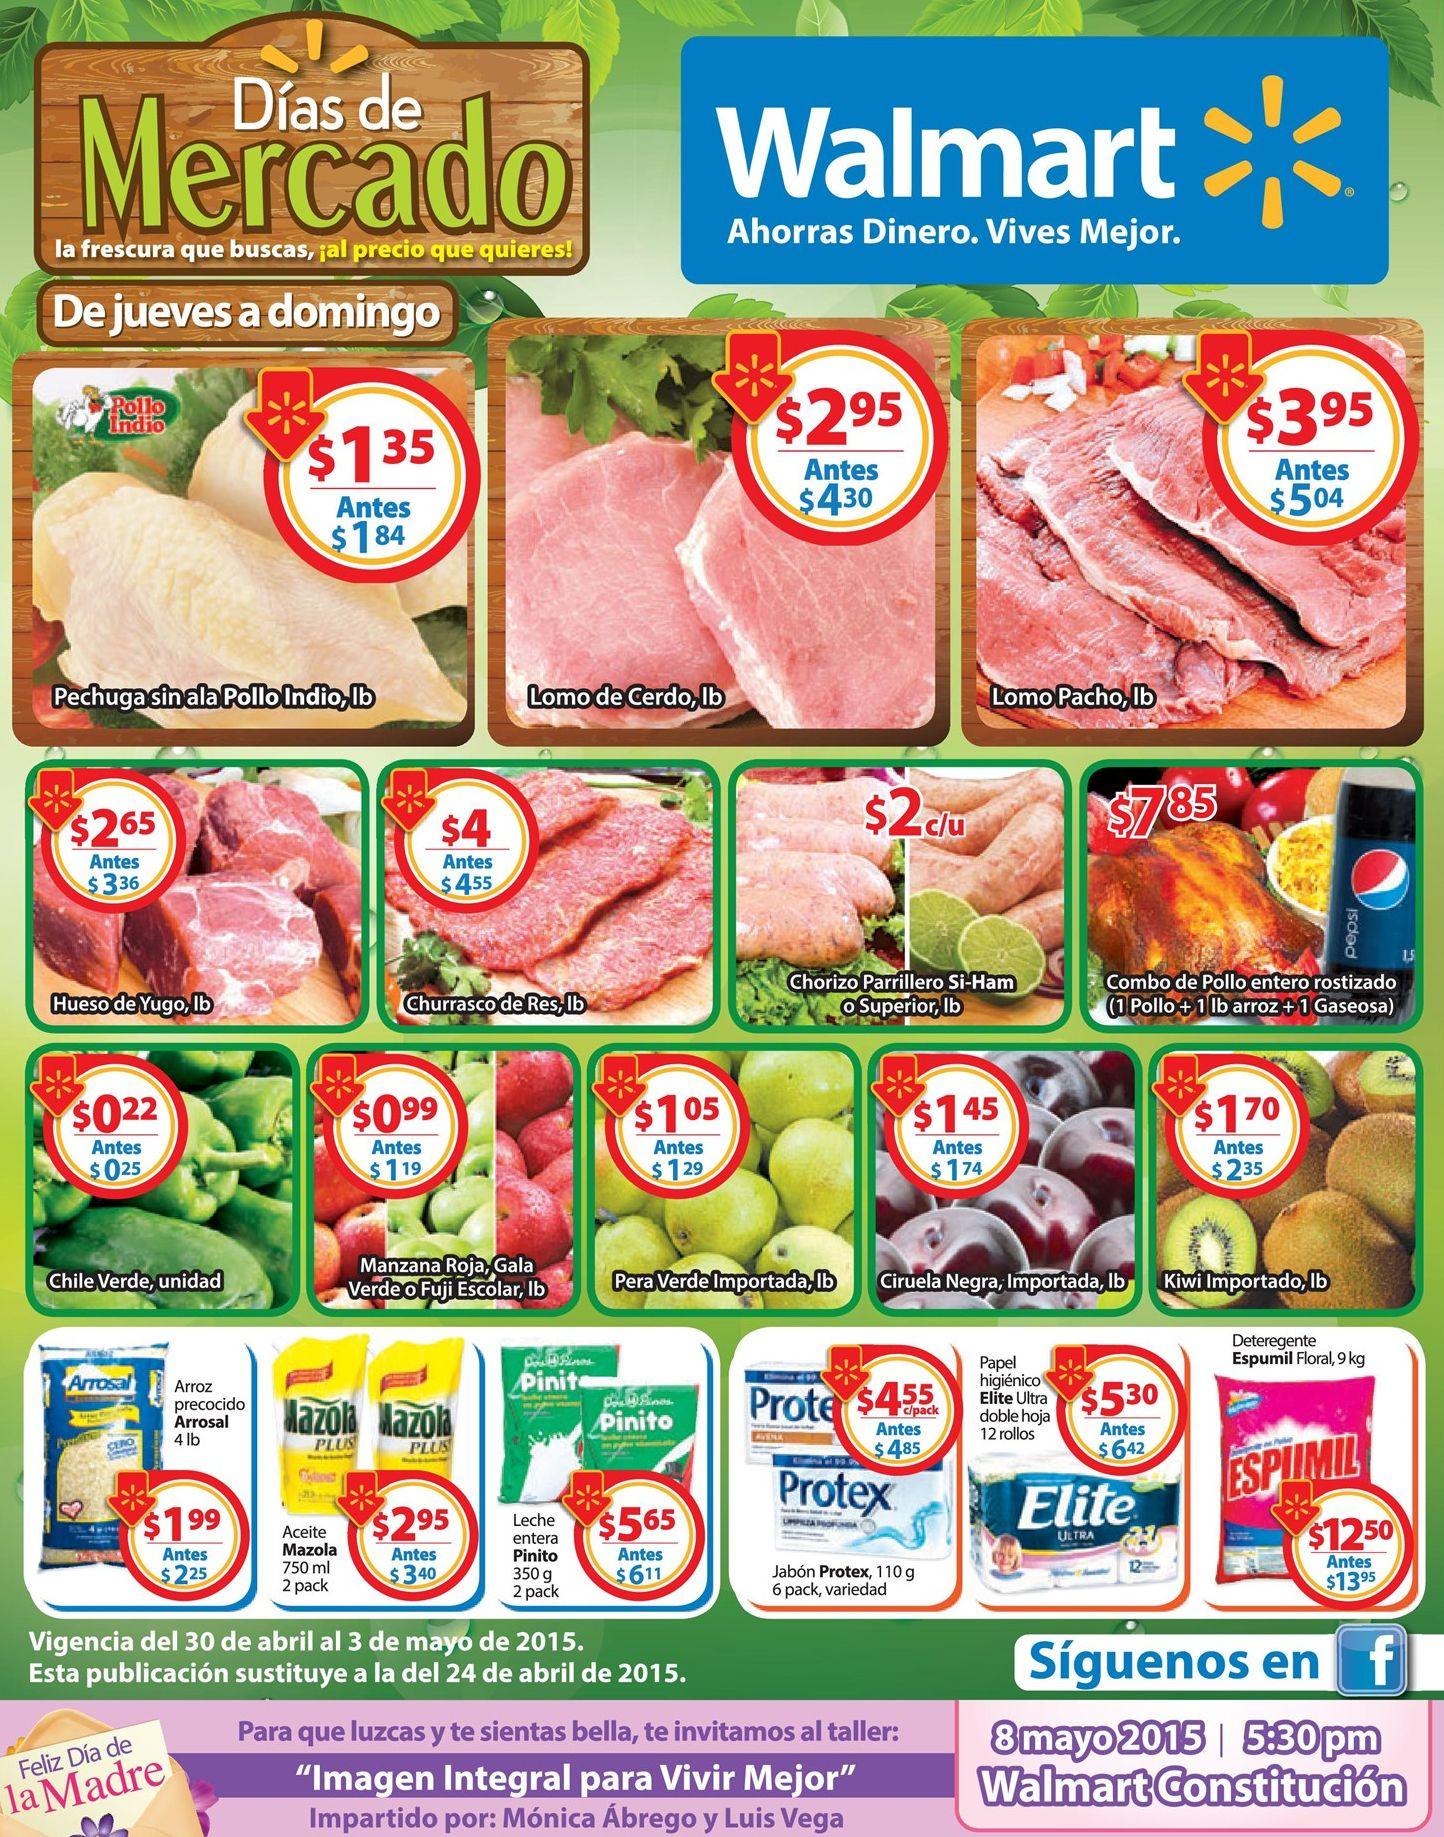 CIRUELAS KIWI MANZANA PERA UVA frutas frescas en WALMART - 30abr15